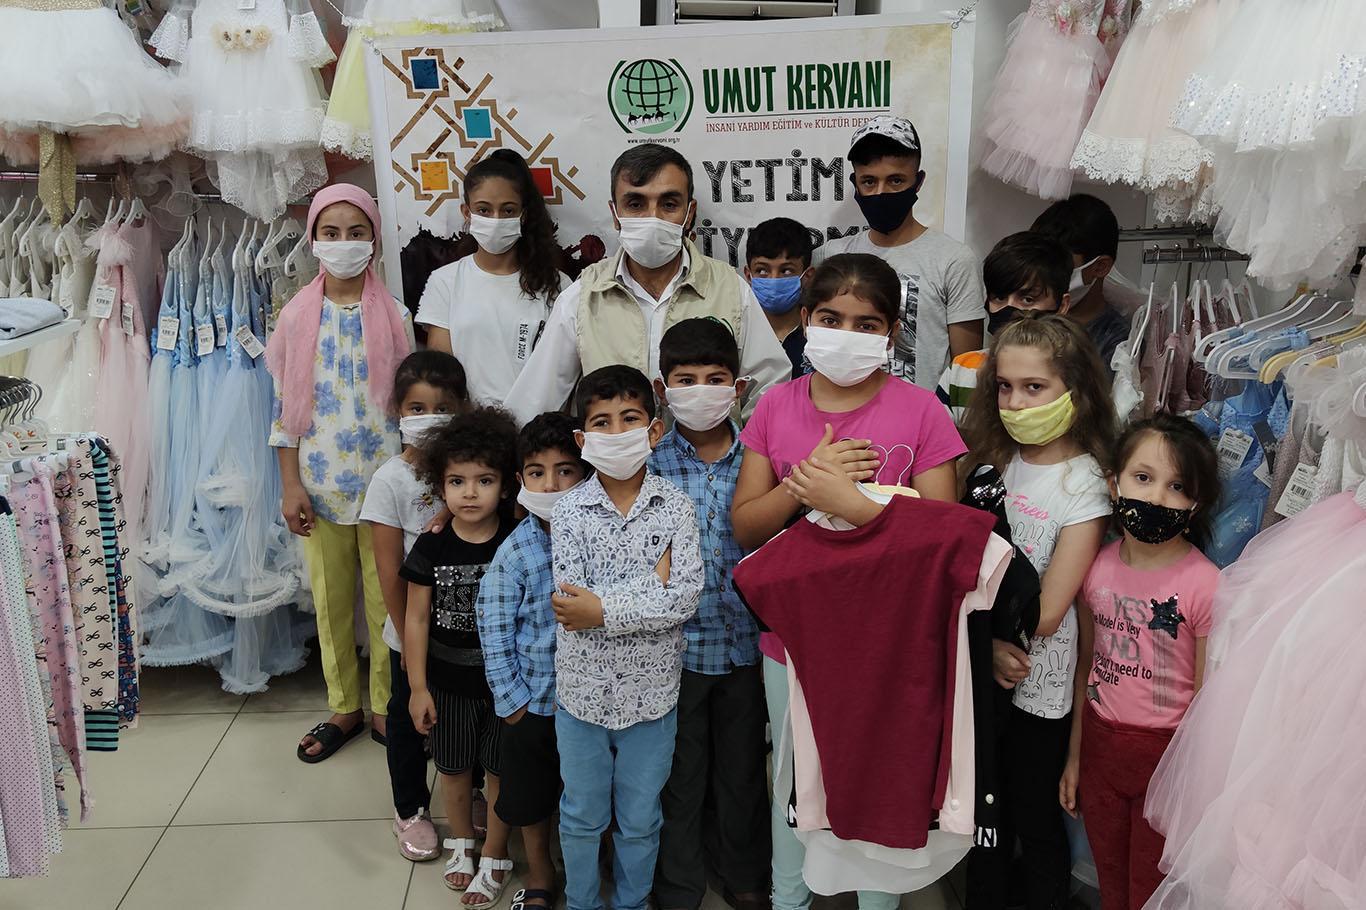 Batman Umut Kervanı 70 yetim çocuğun bayram öncesi yüzünü güldürdü